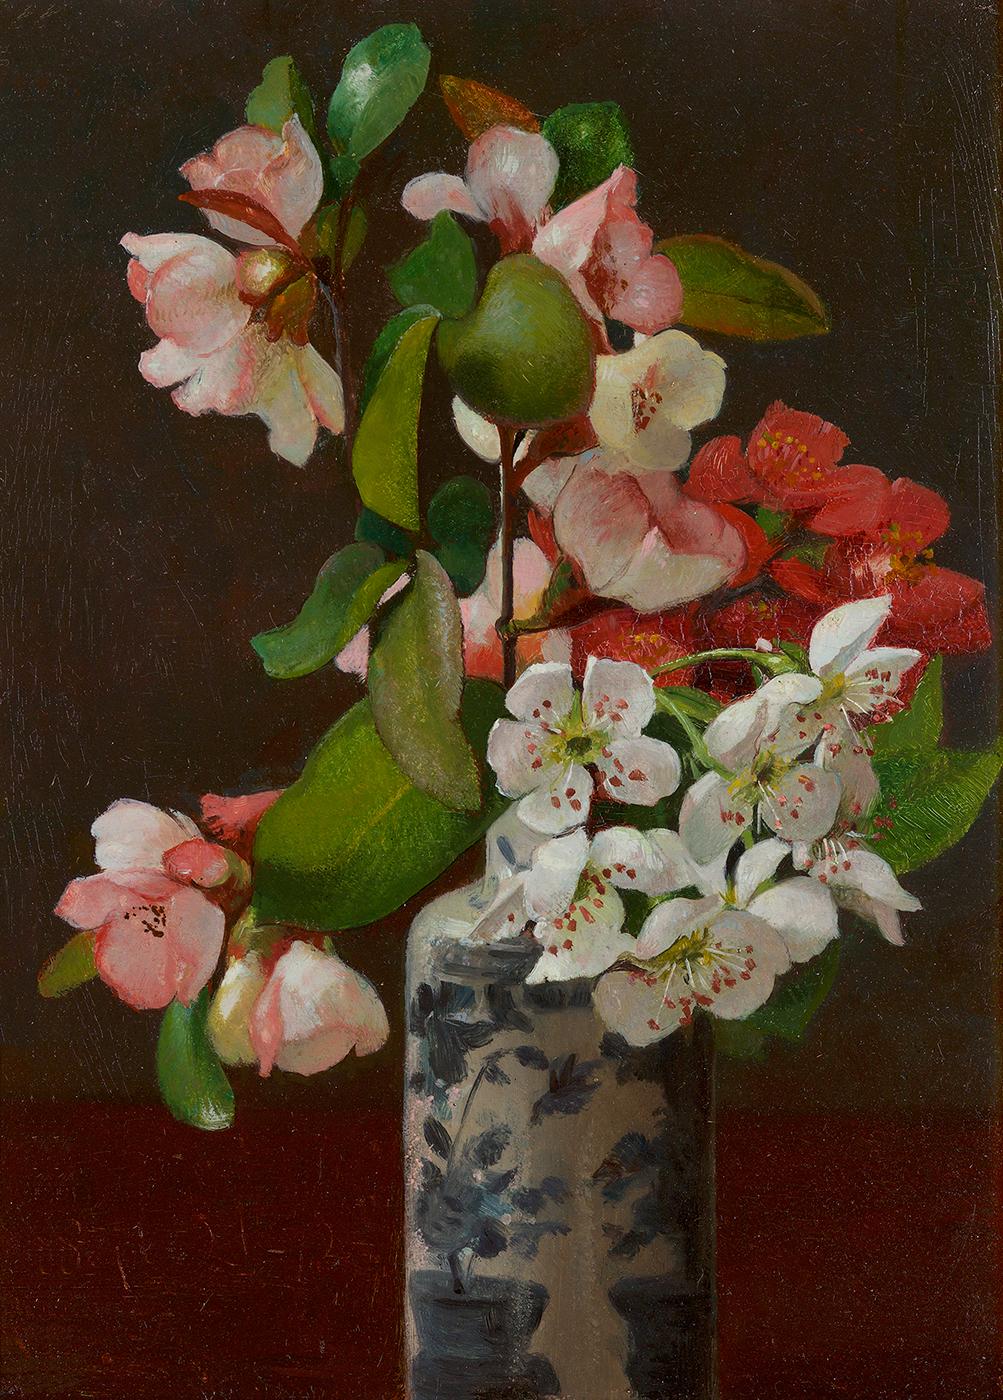 Floral Still Life, 1872